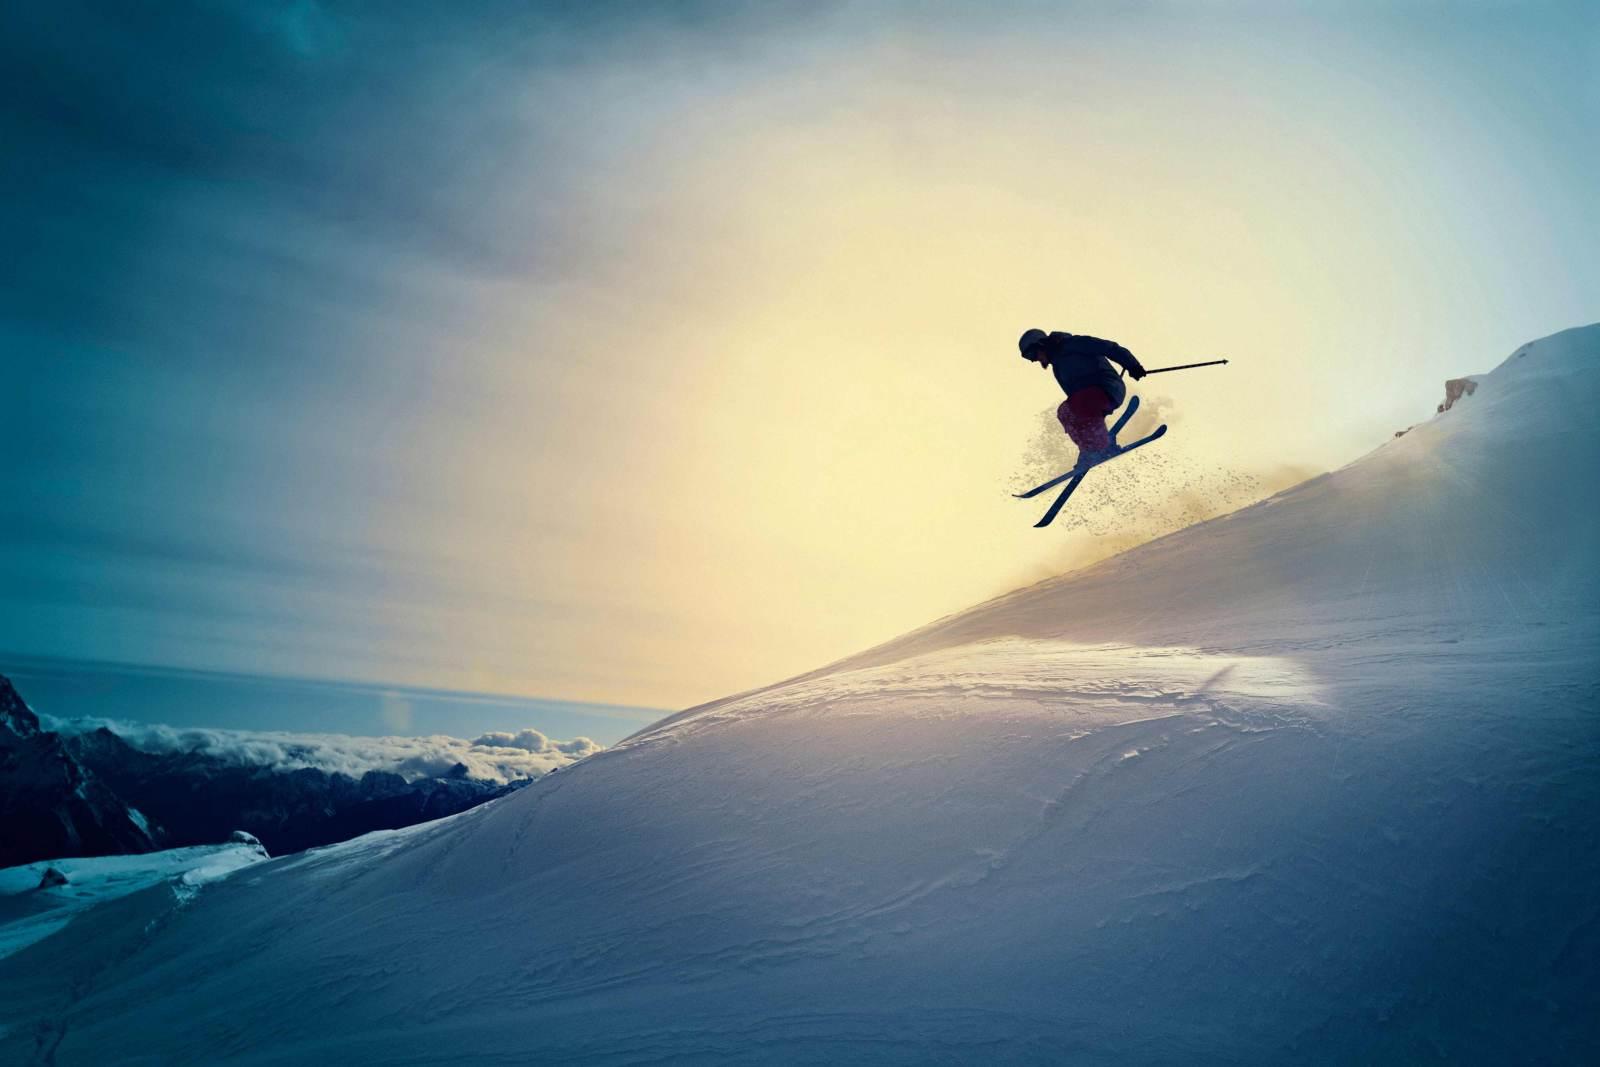 extreme freestyle snow skier